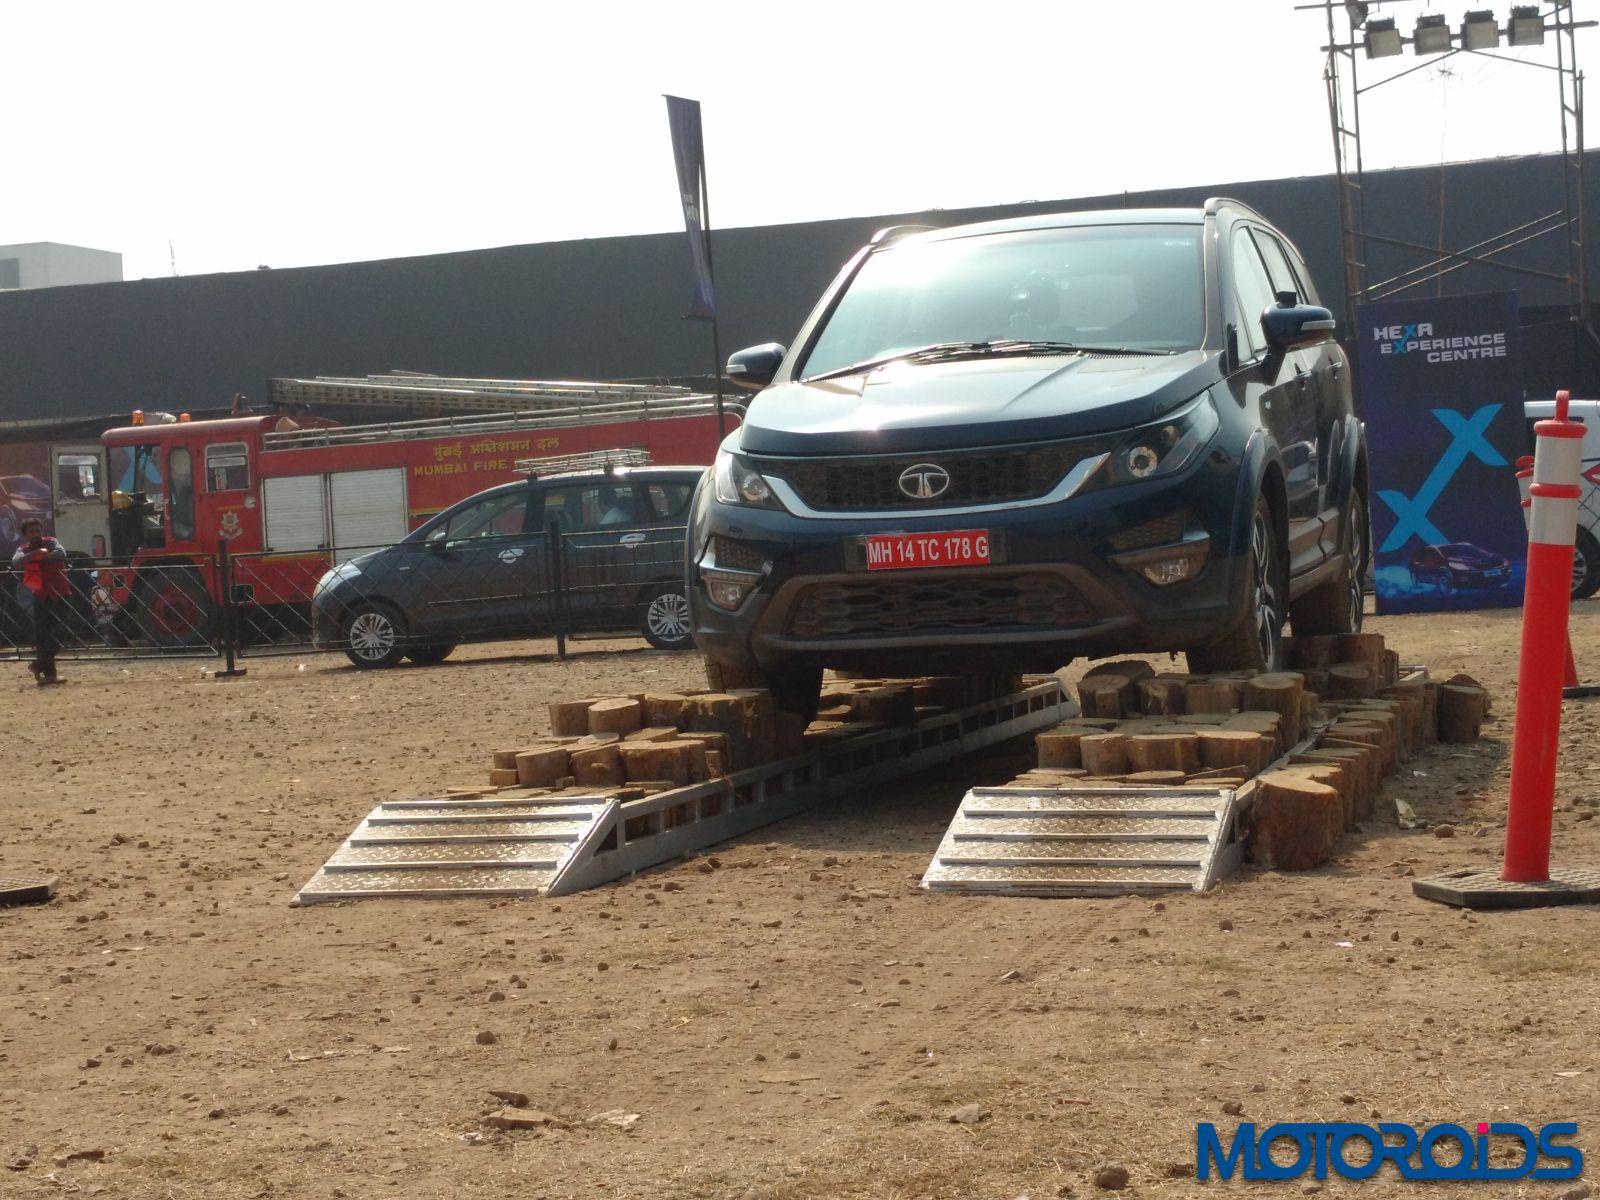 Tata-Hexa-off-road-experience-20